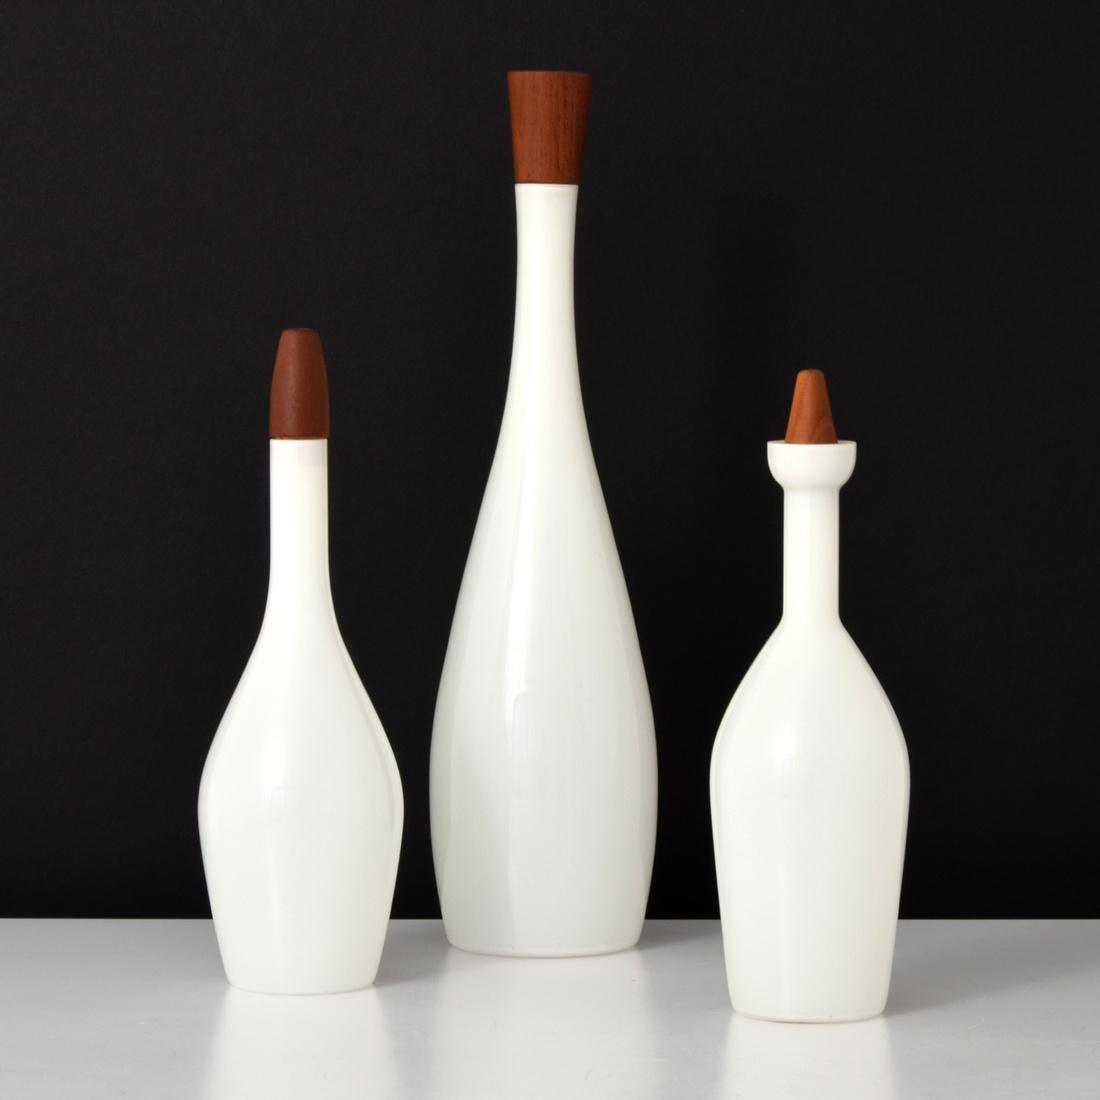 3 Jacob Bang Bottles